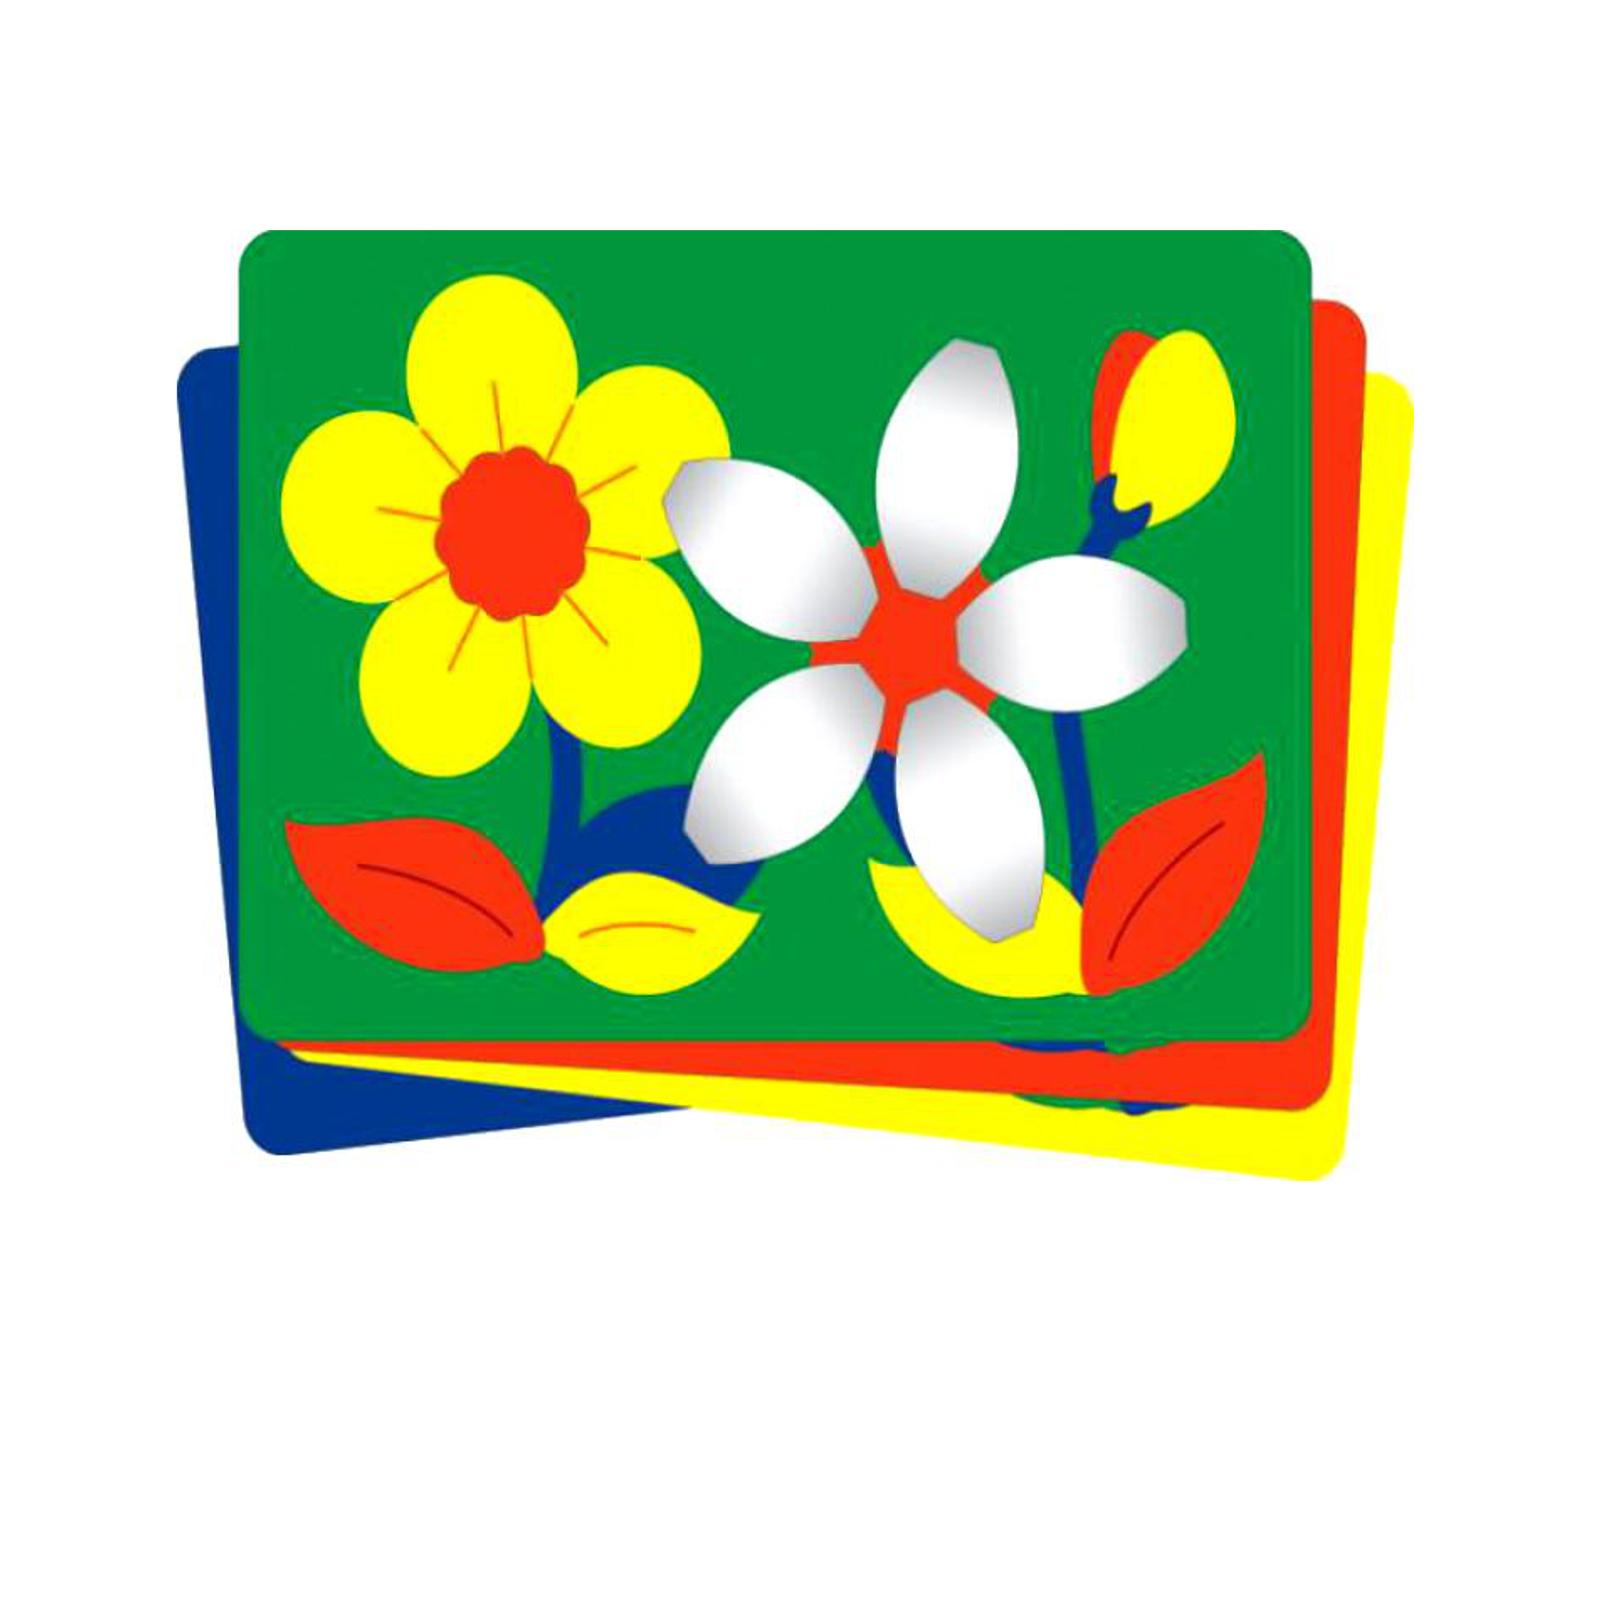 Мозаика мягкая Флексика с объемными деталями Цветочки<br>